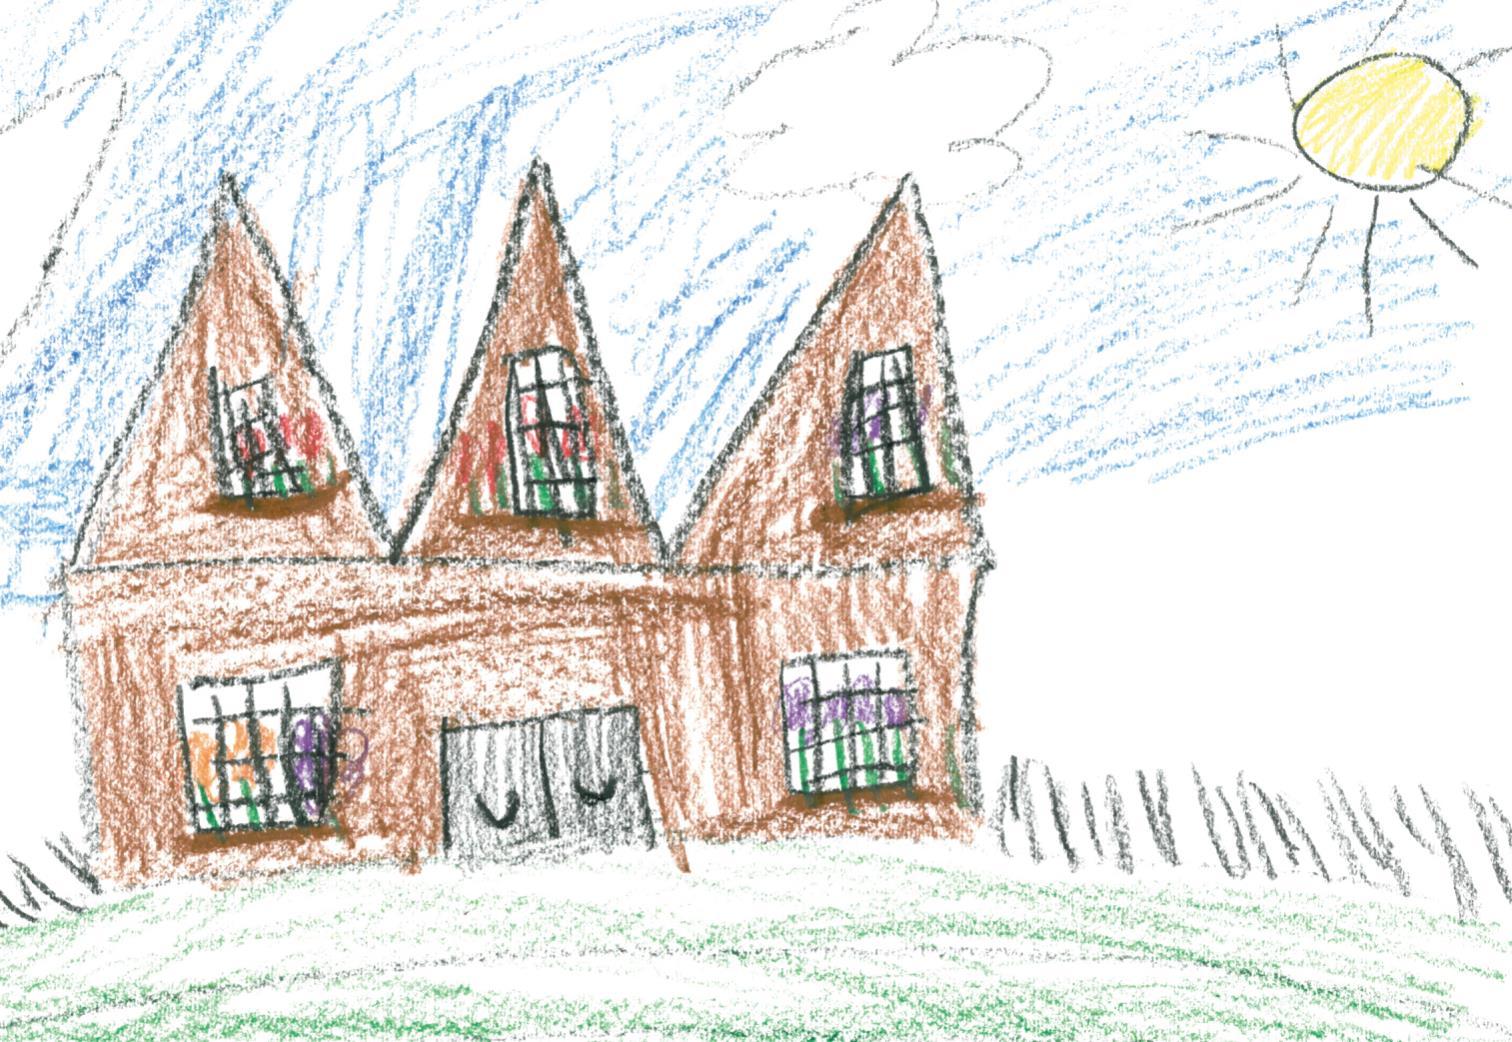 -- 3rd grader's rendering of her new school